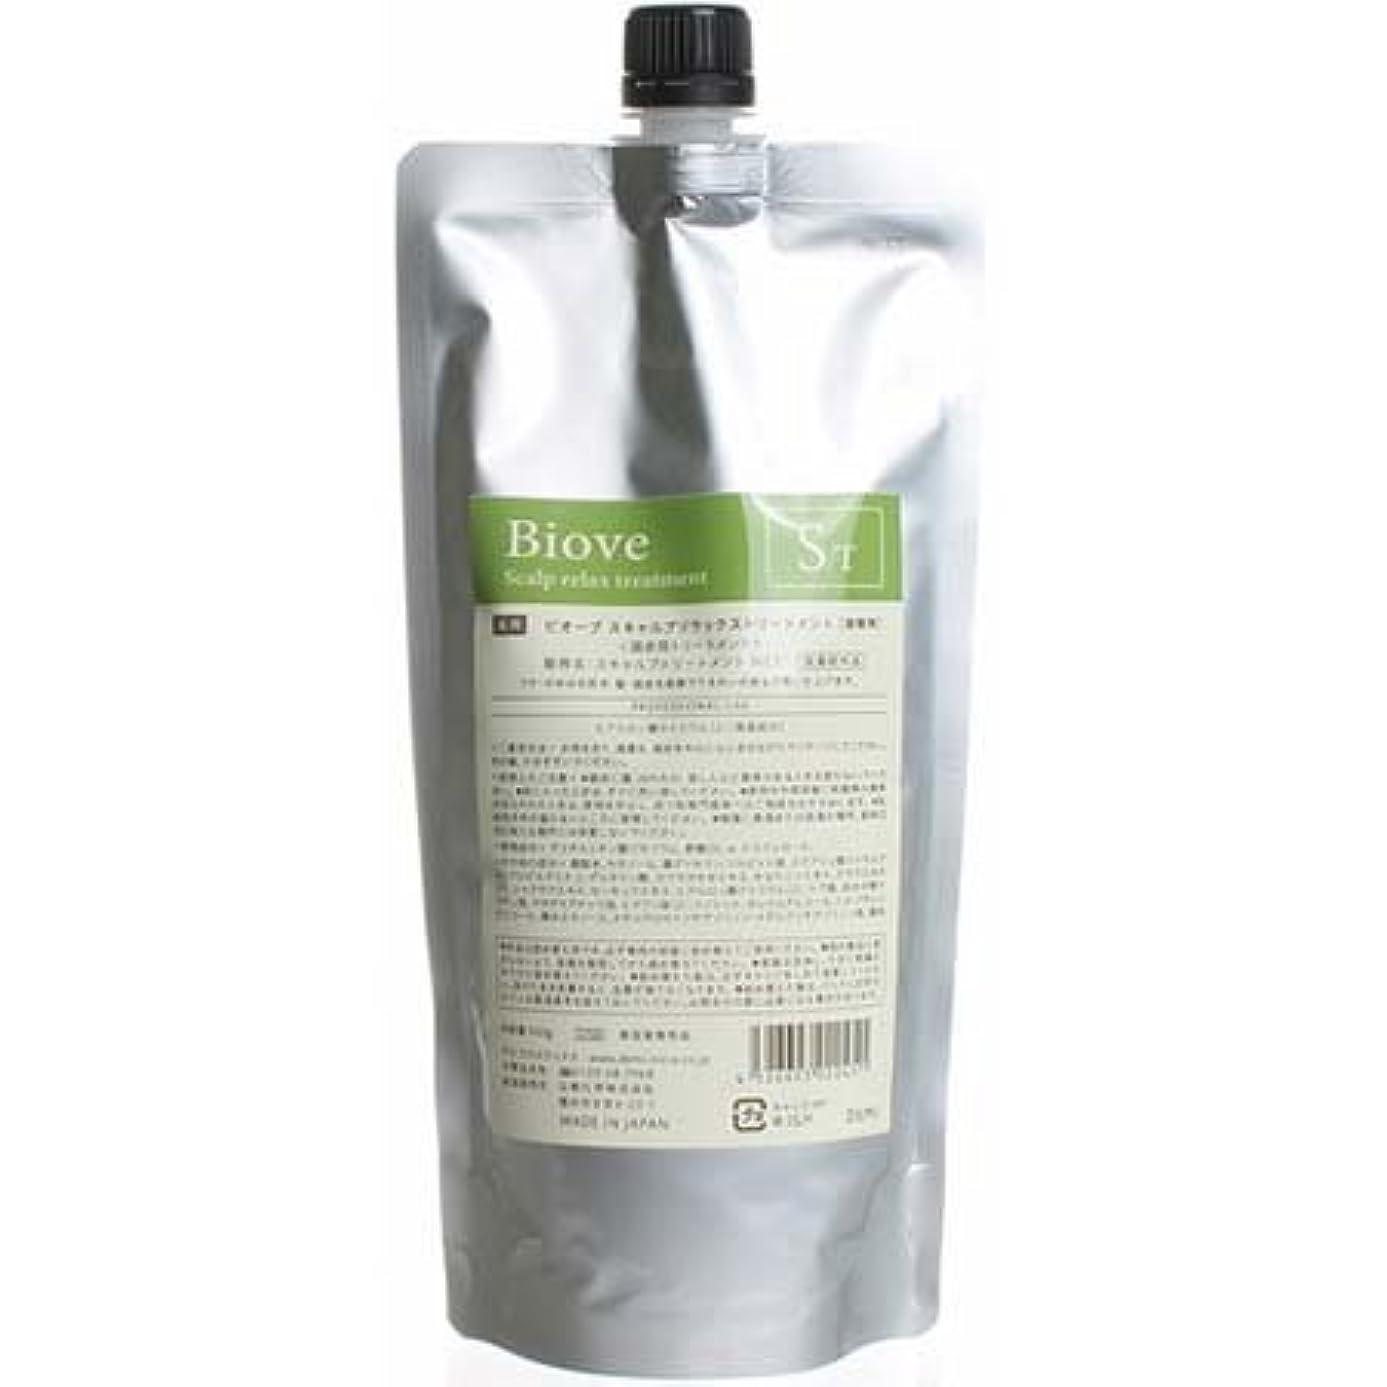 に同意する掃く蓋デミ〈ビオーブ〉スキャルプリラックス トリートメント[医薬部外品] 詰替用450g